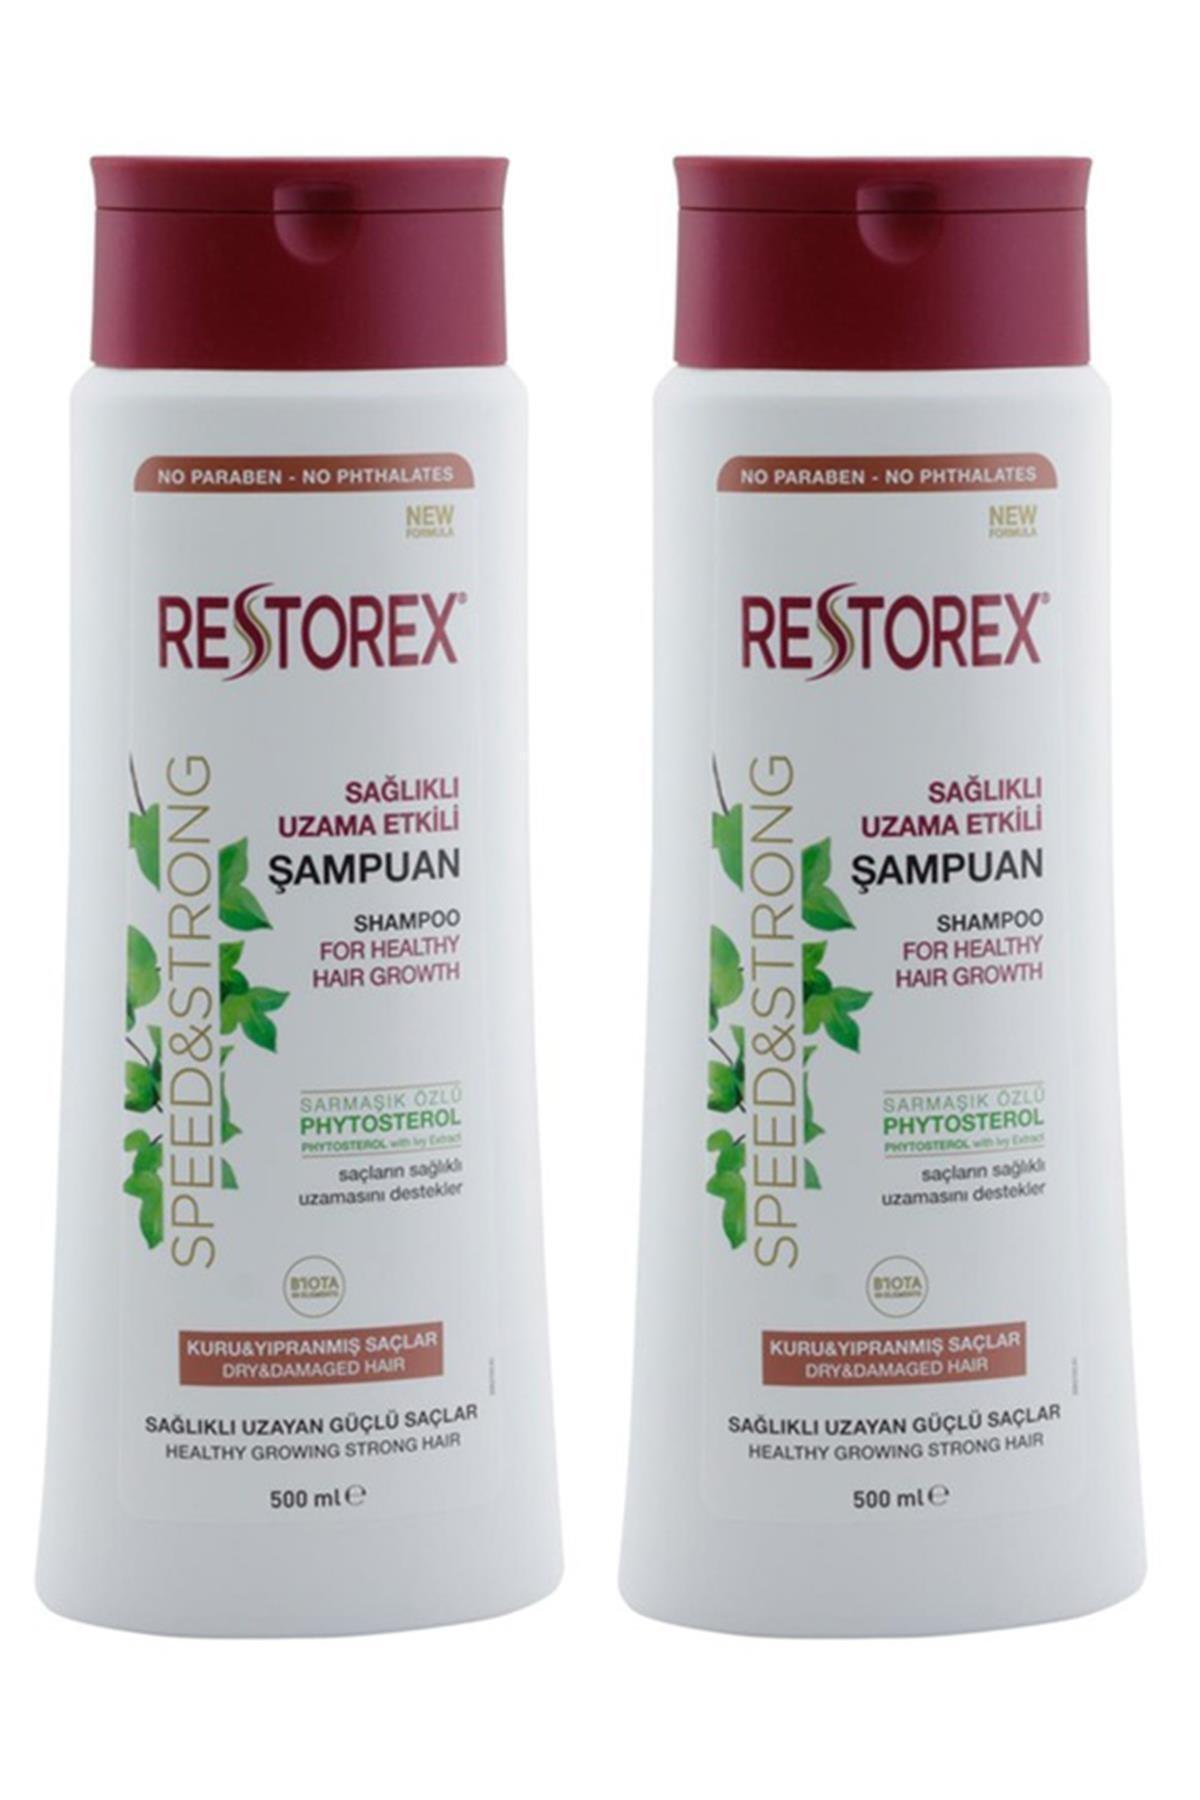 Sağlıklı Uzama Etkili  Kuru Ve Yıpanmış Saçlar İçin Sampuan  500 ml  X 2 Adet